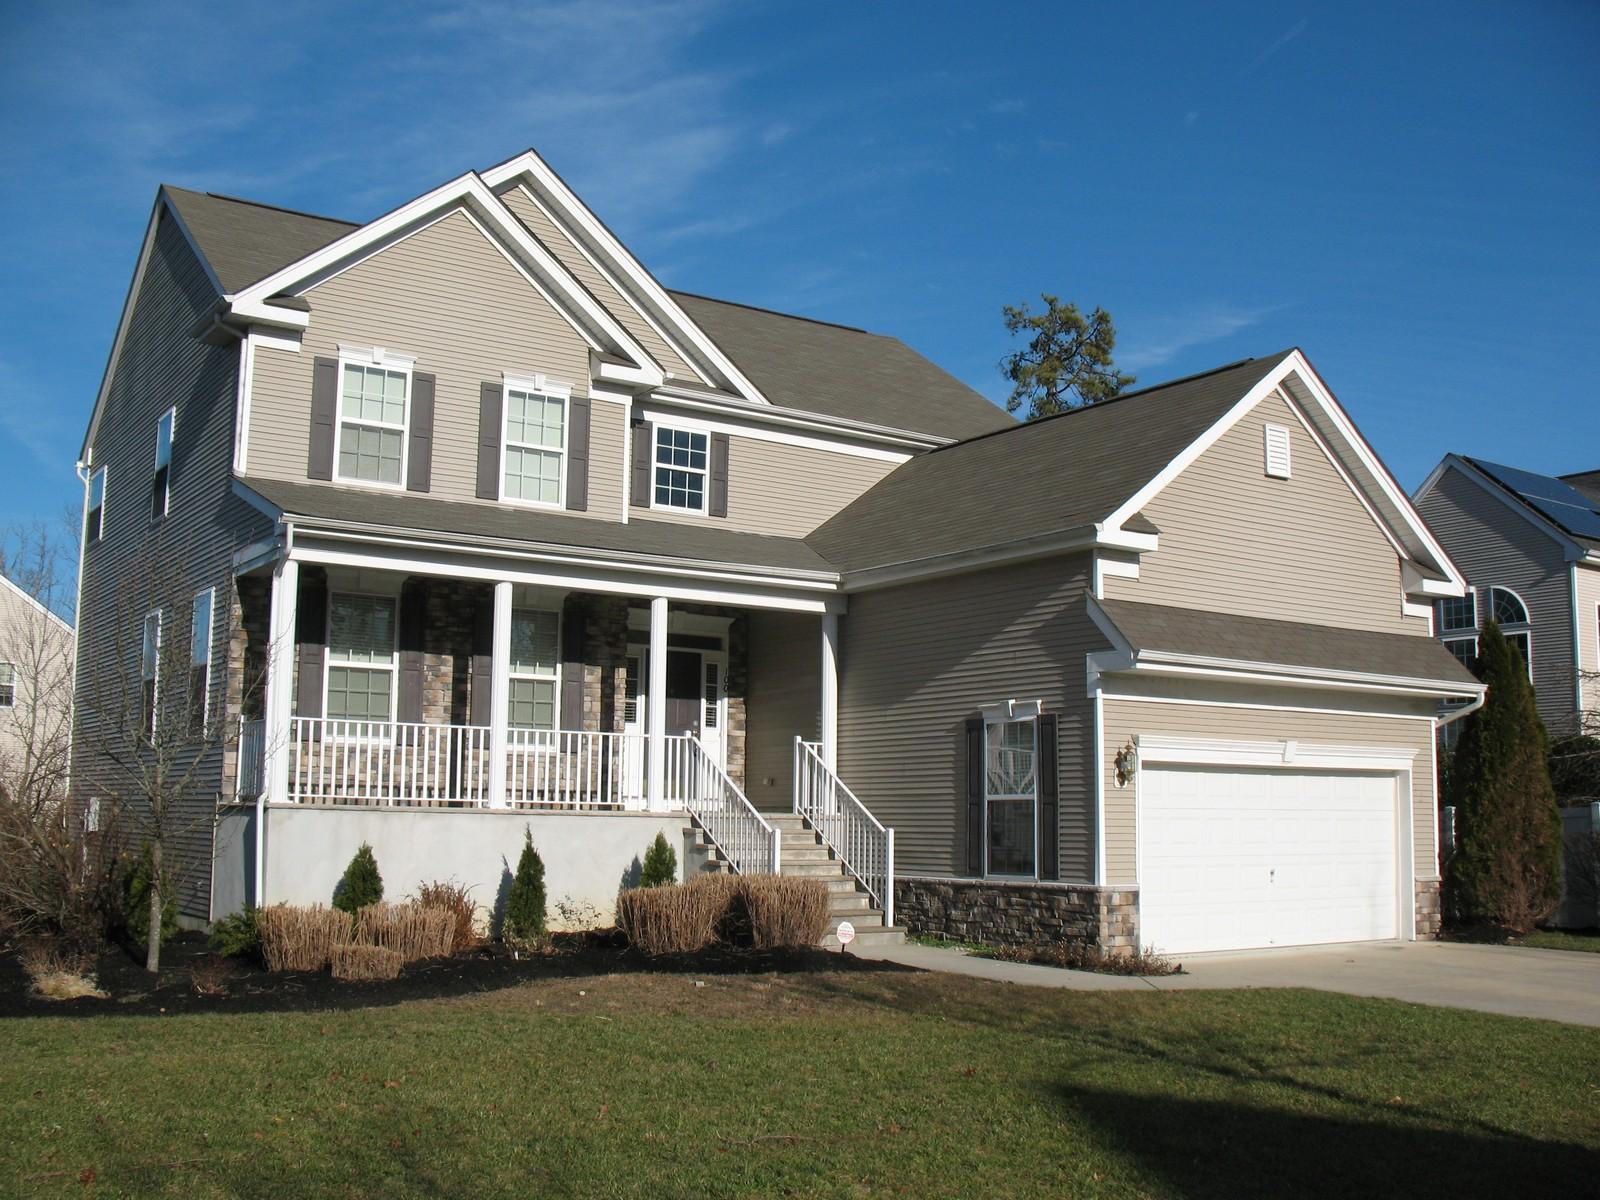 Casa Unifamiliar por un Alquiler en 100 Rockport Drive Egg Harbor Township, Nueva Jersey 08234 Estados Unidos